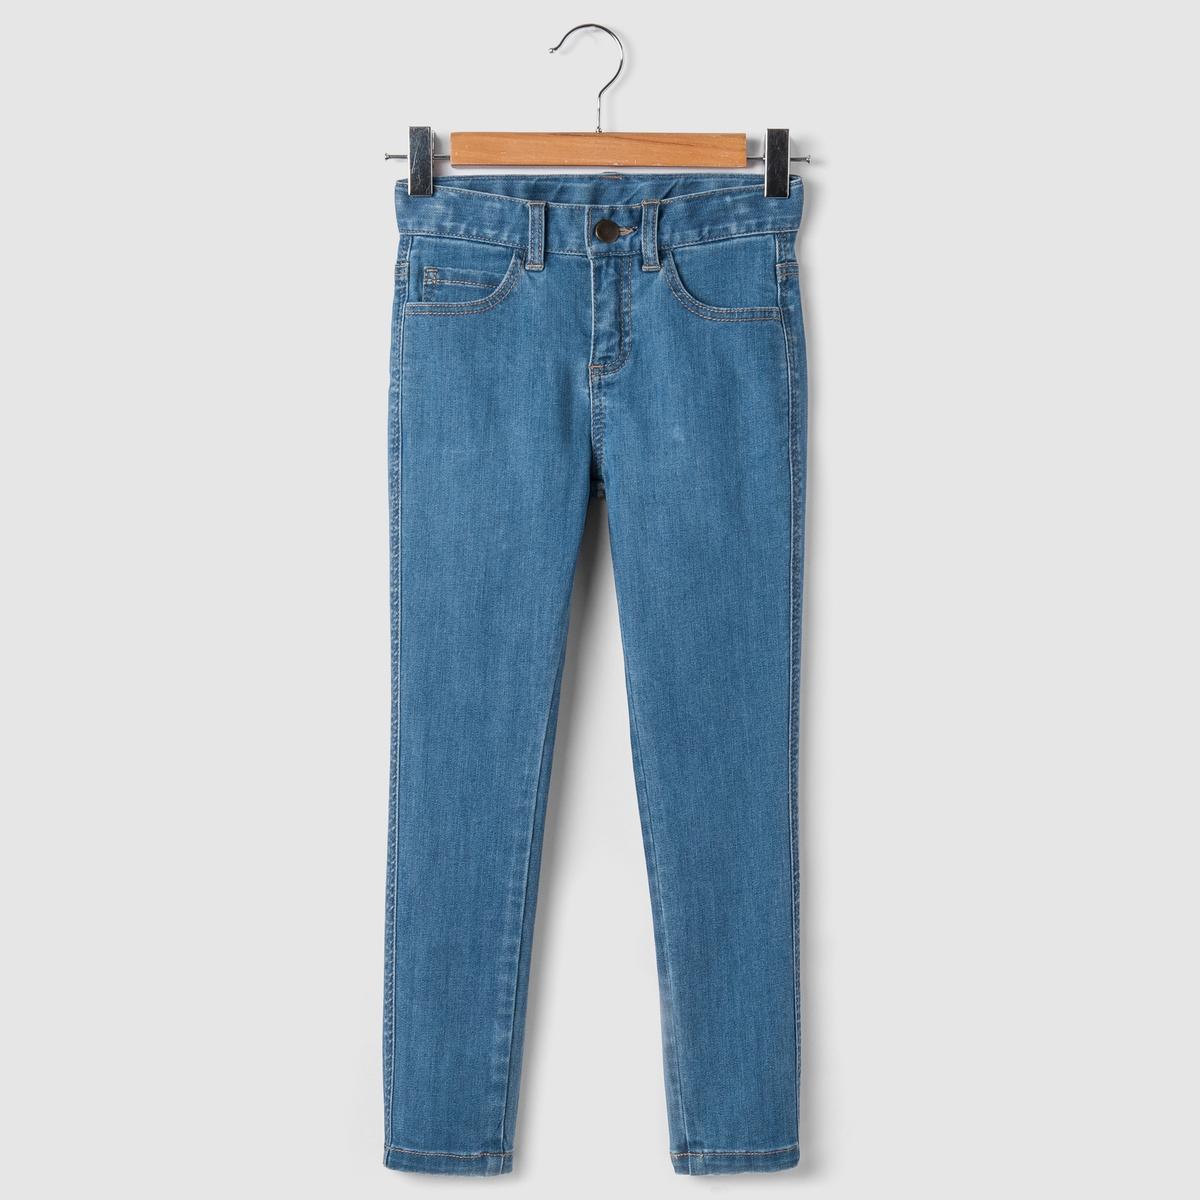 Джинсы узкие, 3-12 летУзкие джинсы, пояс со шлевками регулируется внутренней резинкой на пуговице. Застежка на молнию и кнопки. 2 передних кармана + 1 часовой карман. 2 кармана сзади.Состав и описание : Материал       деним 58% хлопка, 42% полиэстера для вытертой модели, светло-бежевого и бежевого цветов 99% хлопка, 1% эластана для серого цветаМарка       R essentielУход :Машинная стирка при 30 °C с вещами схожих цветов.Стирать и гладить с изнаночной стороны.Машинная сушка в обычном режиме.Гладить при средней температуре.<br><br>Цвет: голубой потертый,синий потертый<br>Размер: 8 лет - 126 см.12 лет -150 см.12 лет -150 см